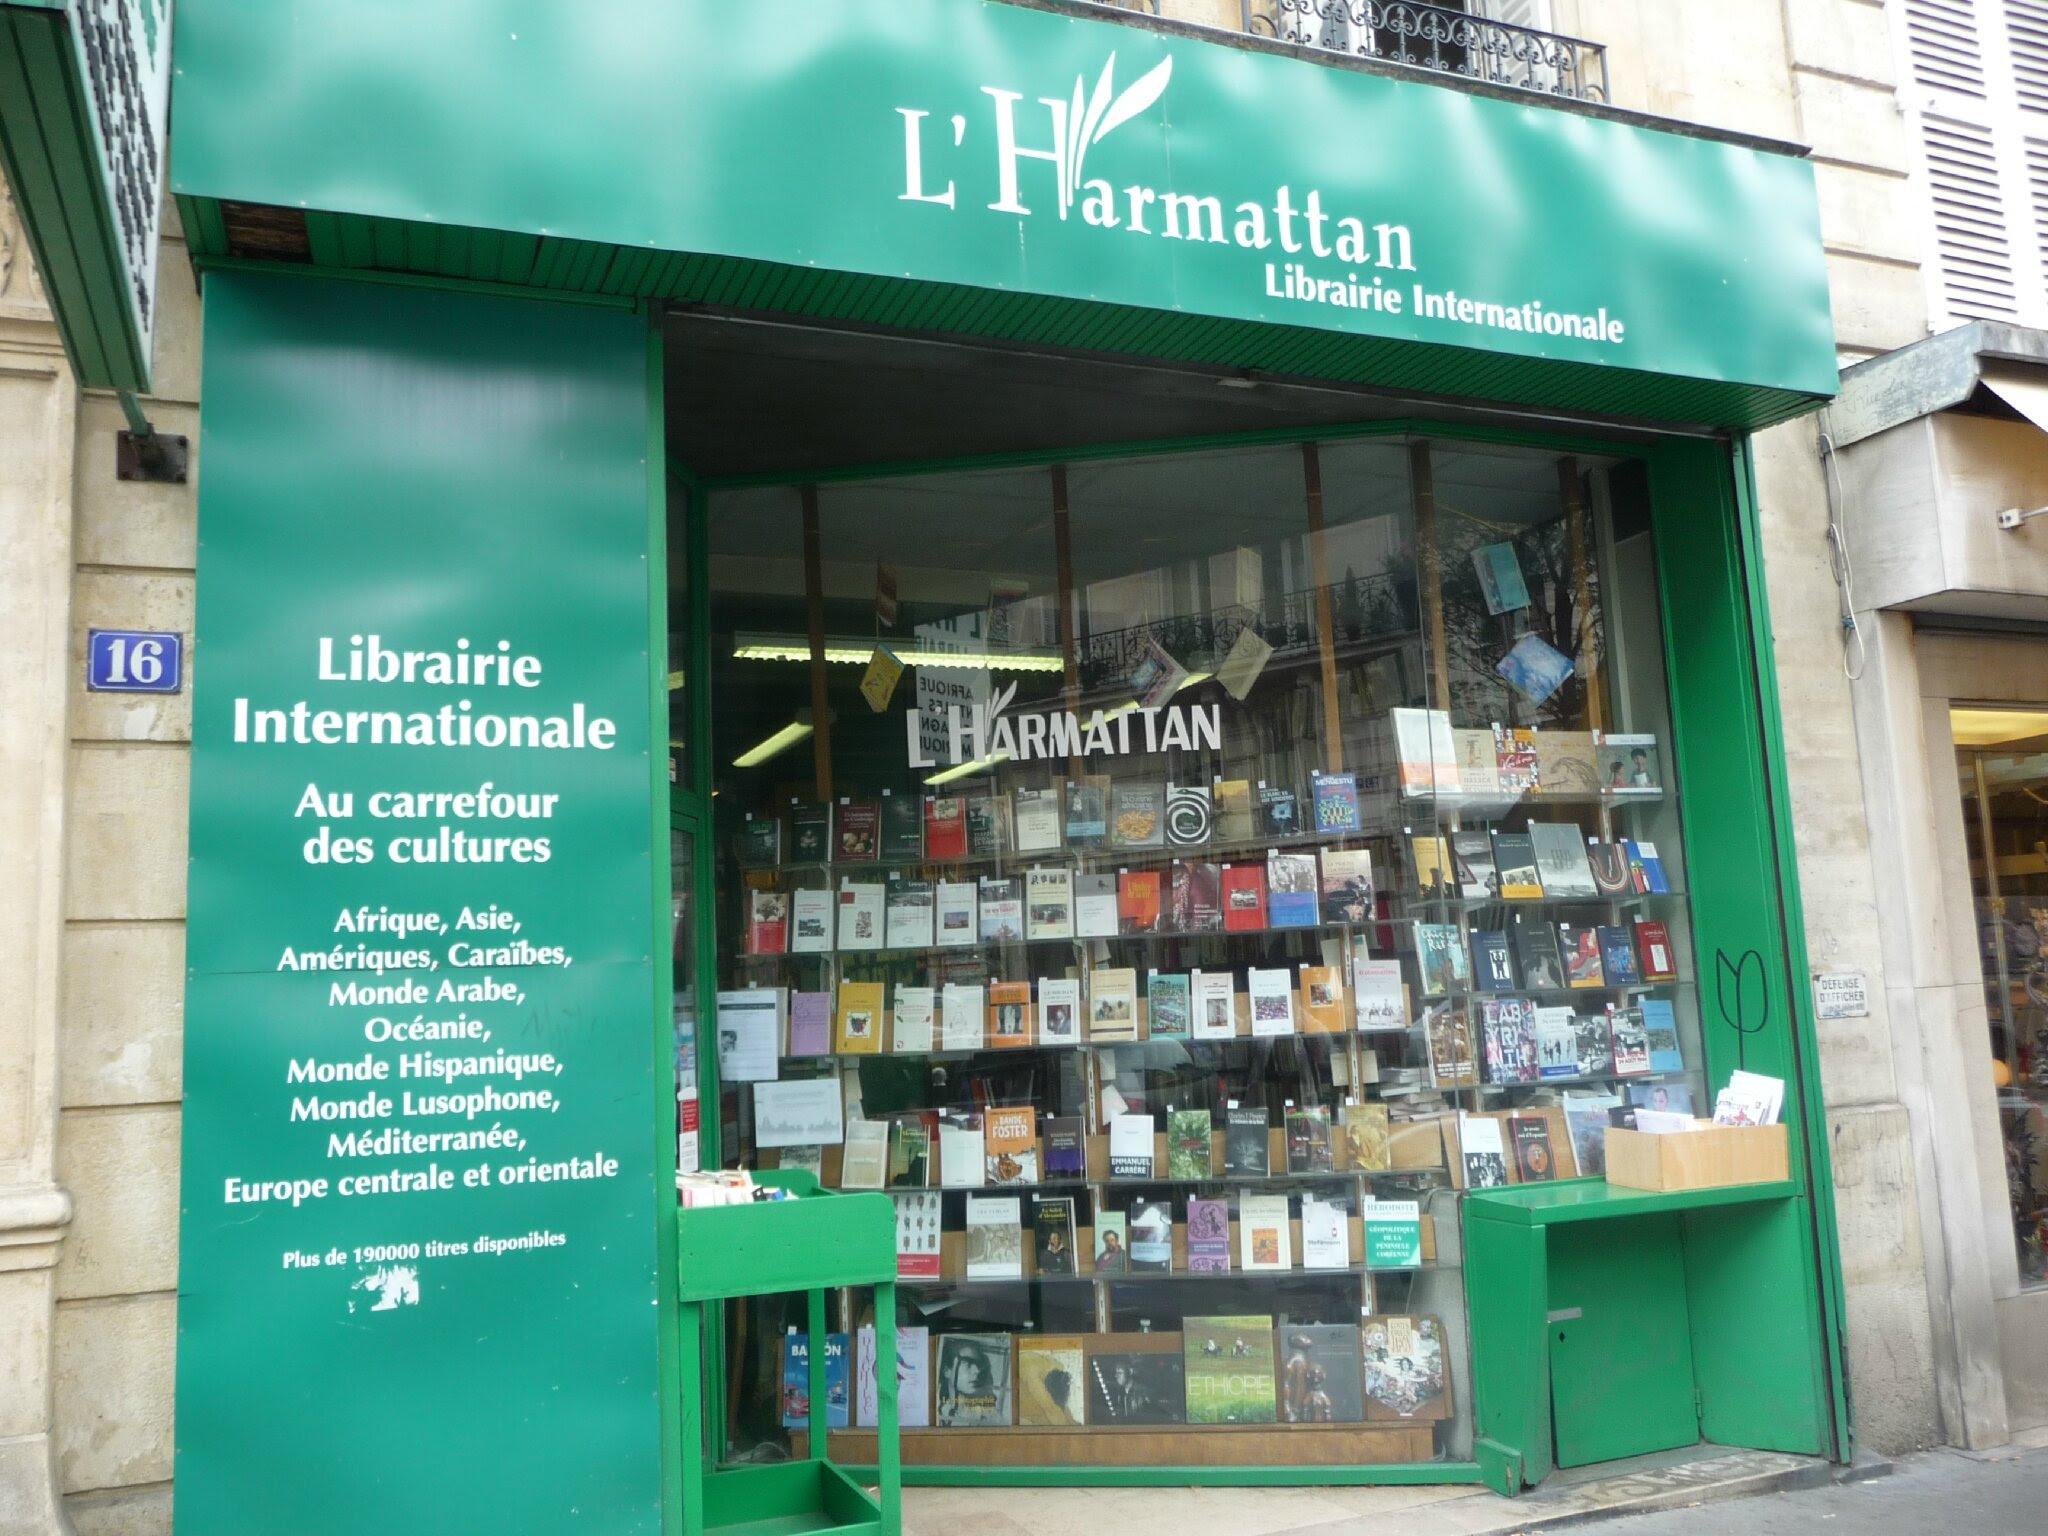 Risultati immagini per Harmattan – Librairie Internationale